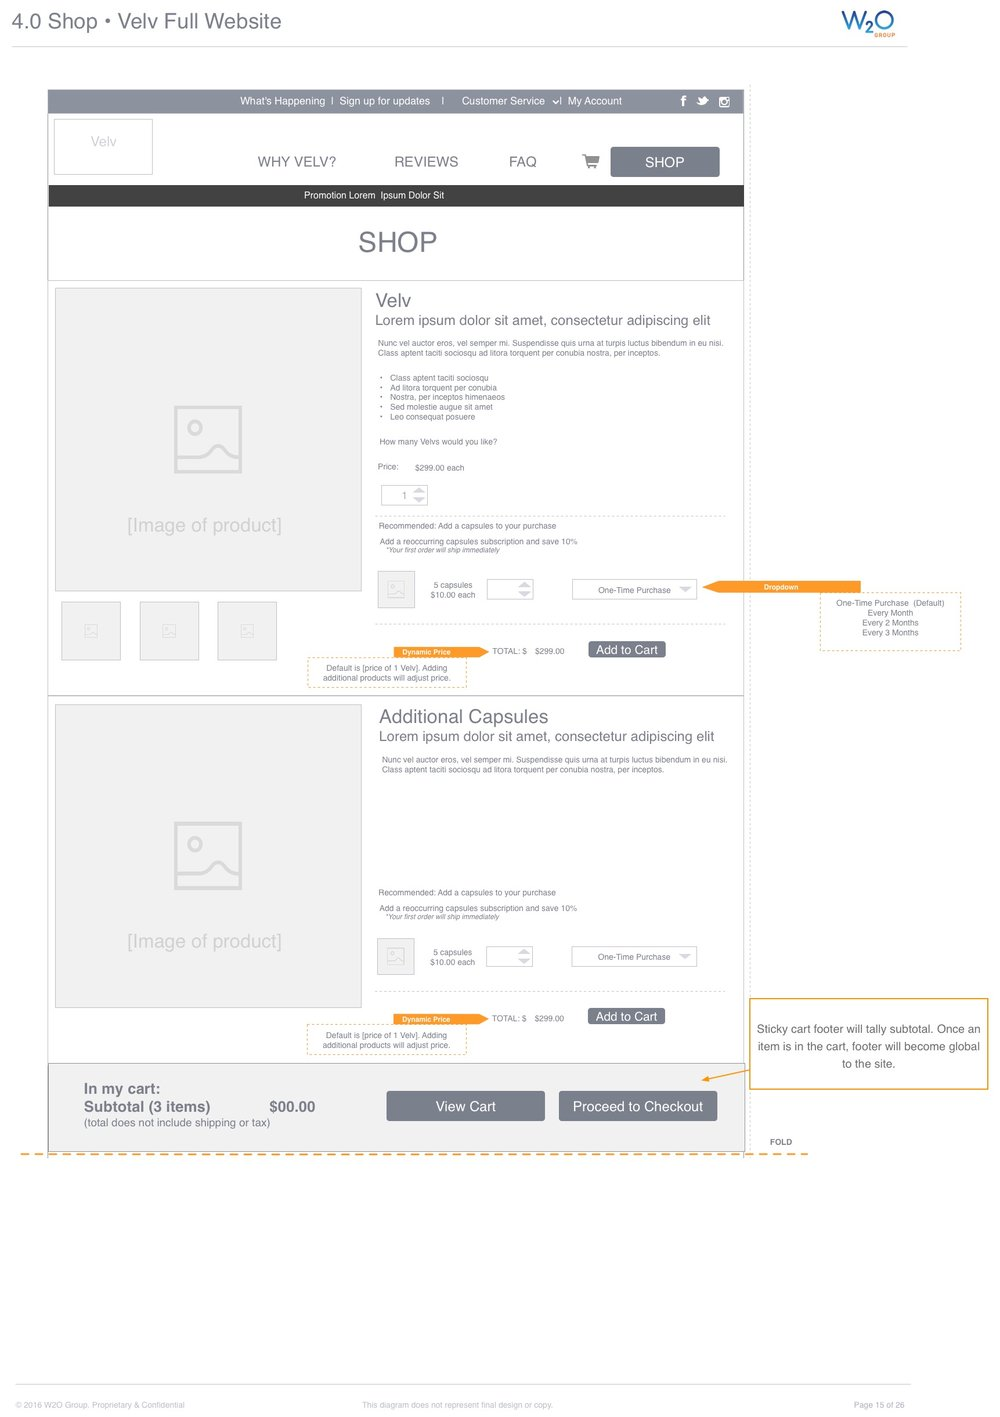 4.0 Shop.jpg